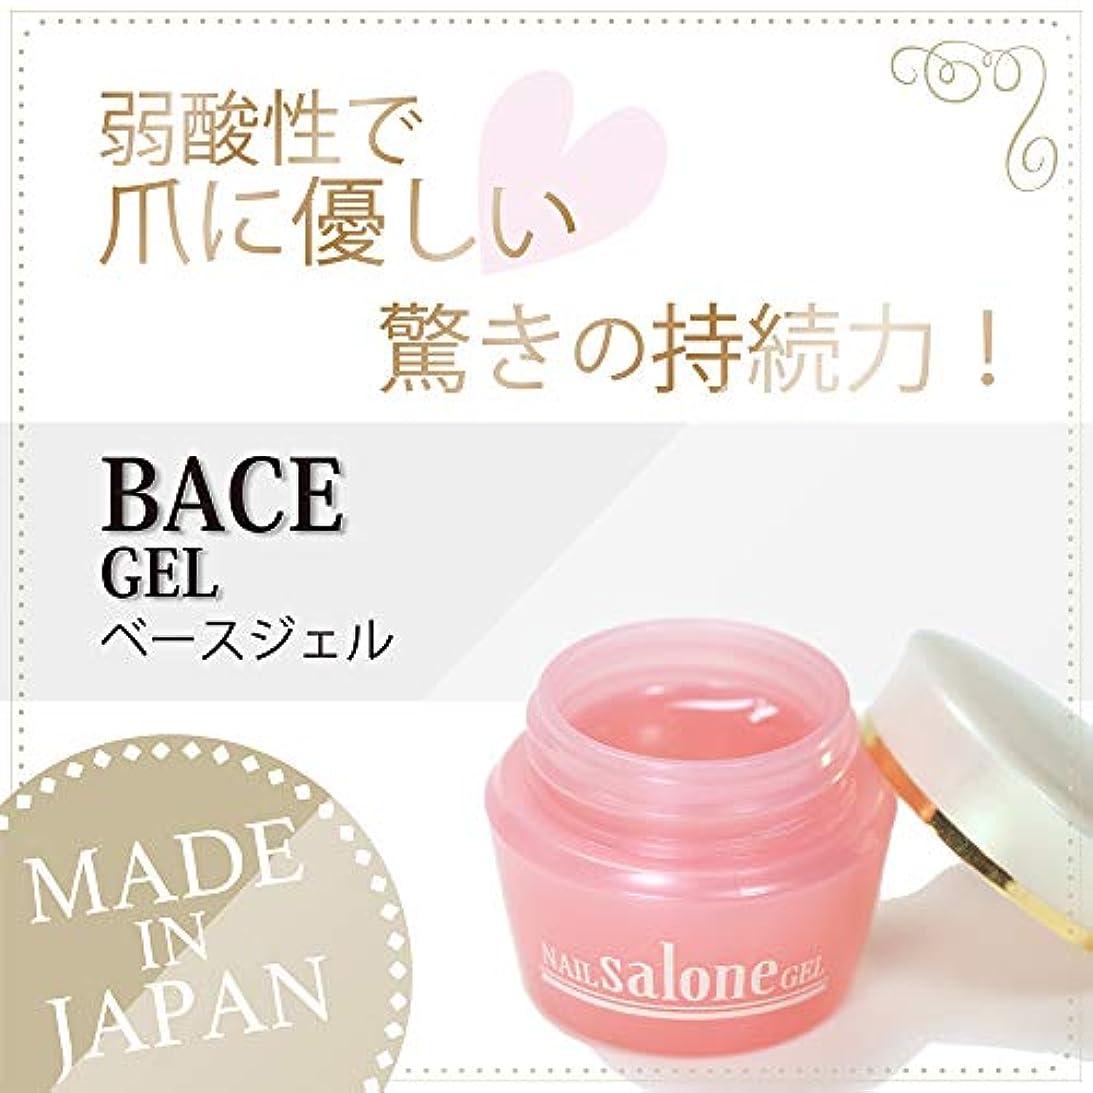 ポンペイ華氏経度Salone gel サローネ ベースジェル 爪に優しい 日本製 驚きの密着力 リムーバーでオフも簡単3g